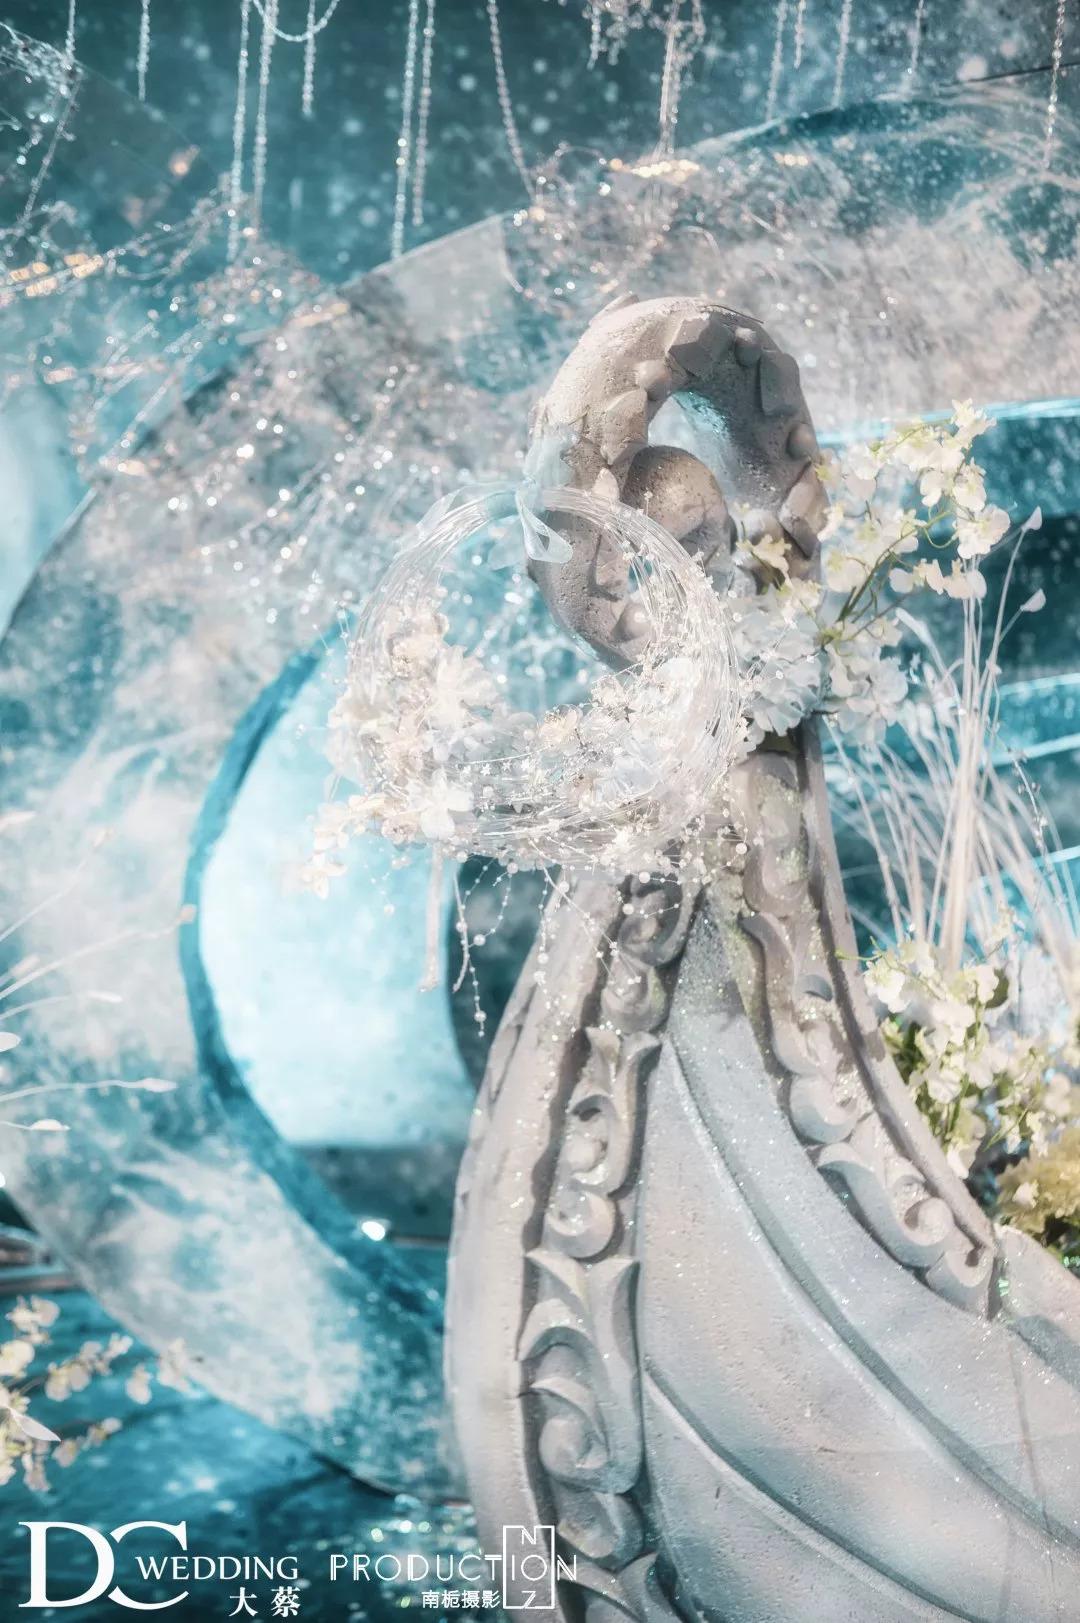 致爱婚礼丨婚礼人都是造梦师?一秒带你走进梦幻仙境!